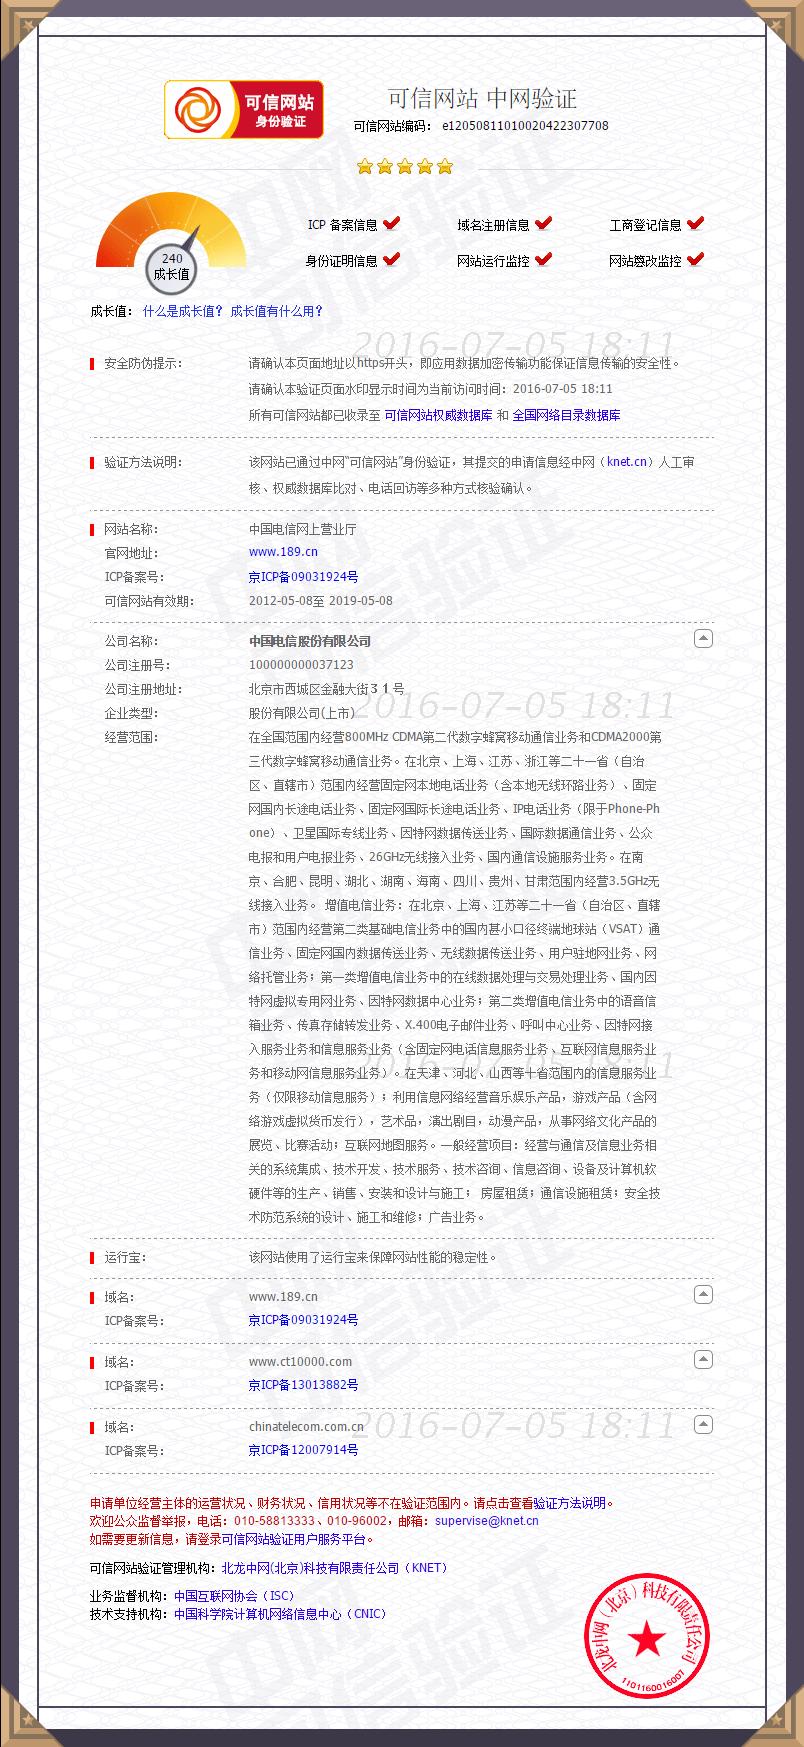 可信网站-中国电信-数据库展示